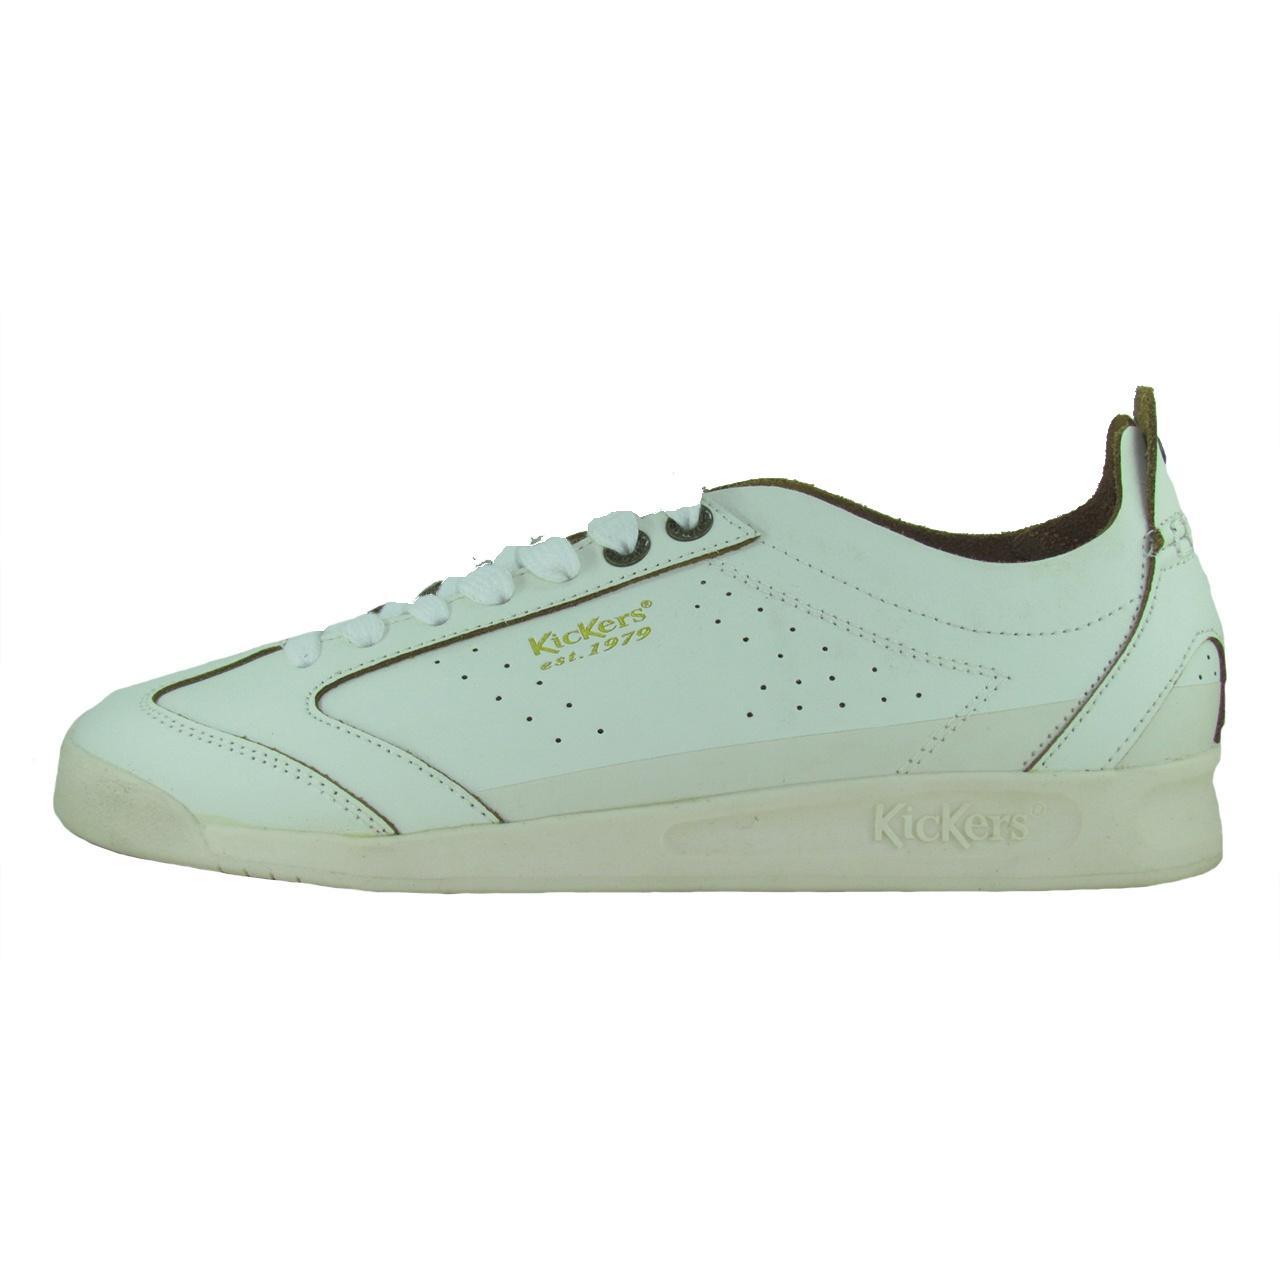 کفش مخصوص پیاده روی زنانه کیکرز مدل MIR 596882-50-3